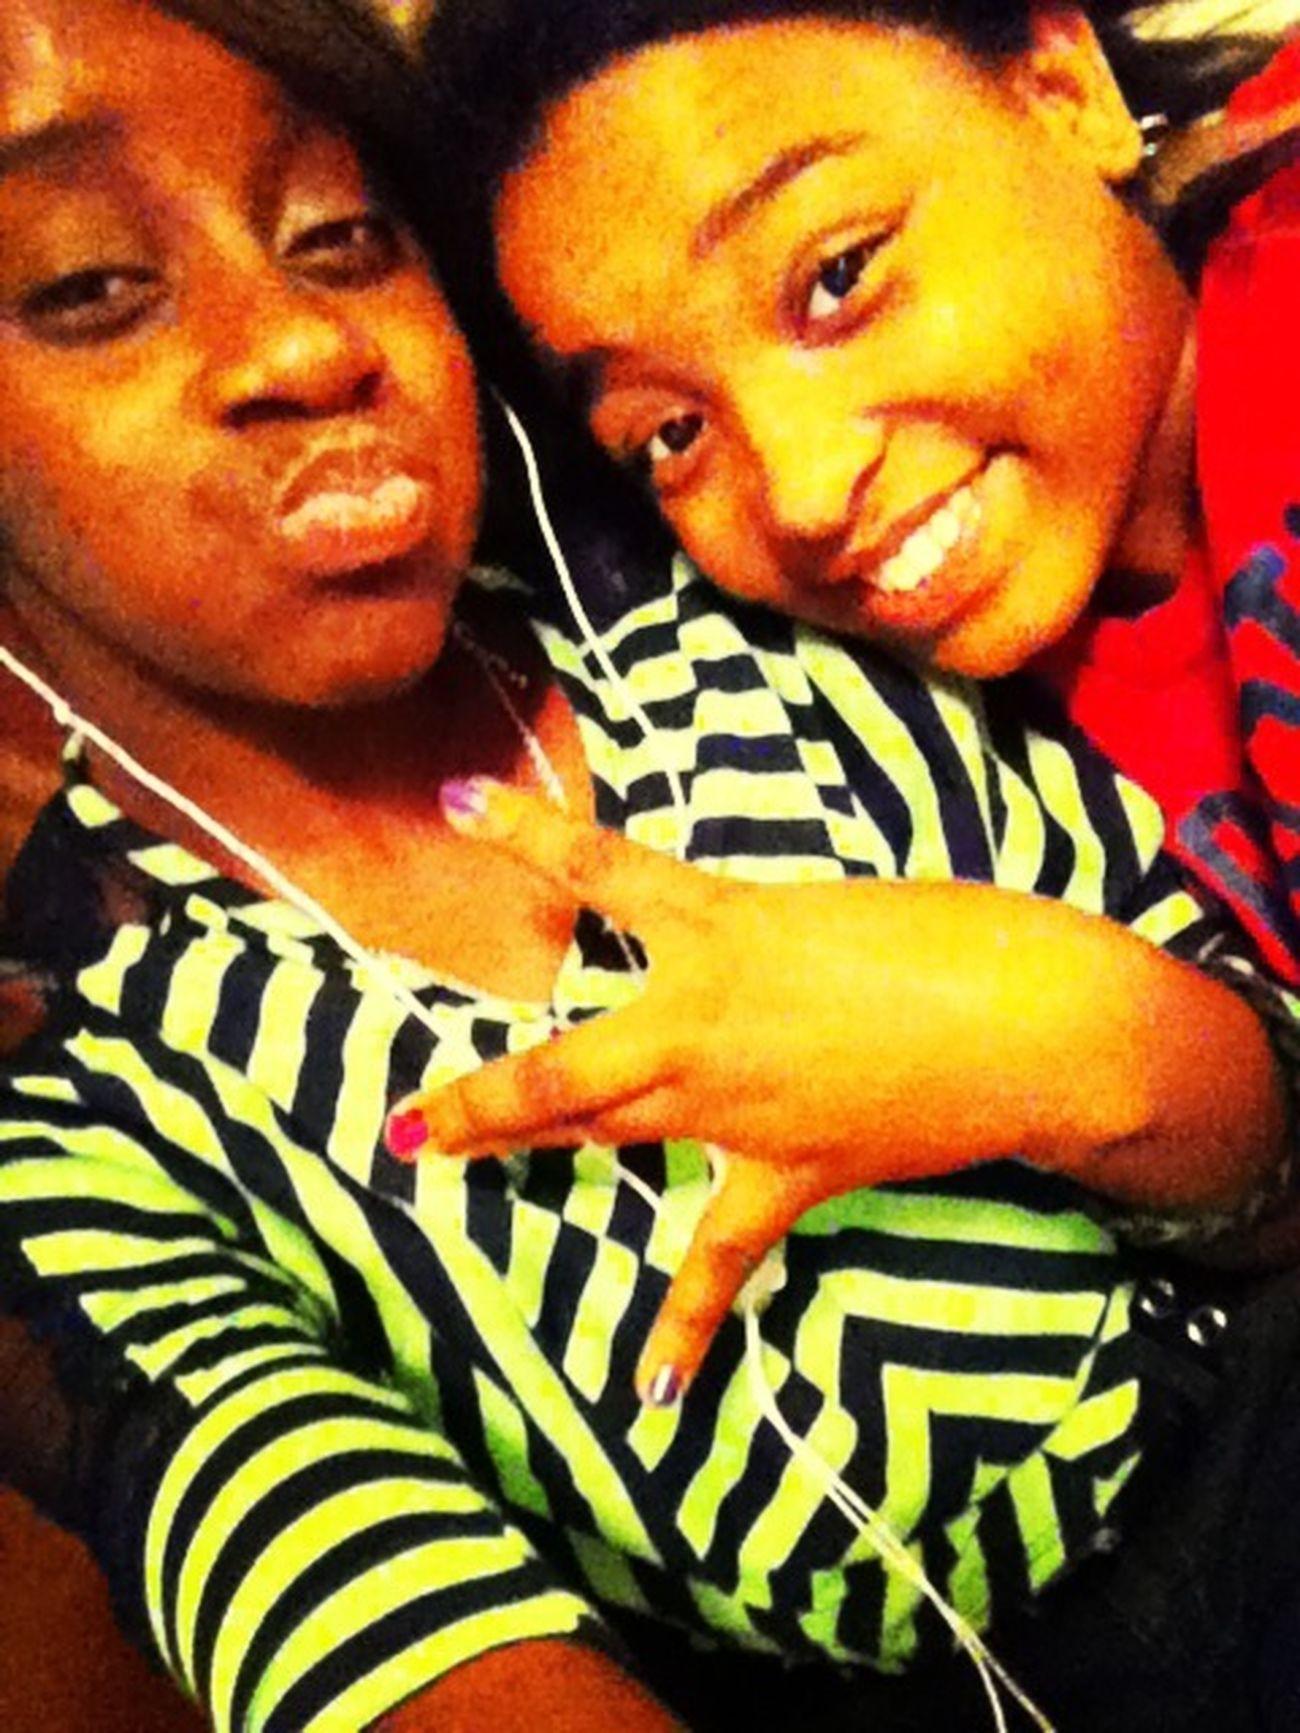 We Like Sisters .... You Aint Knw